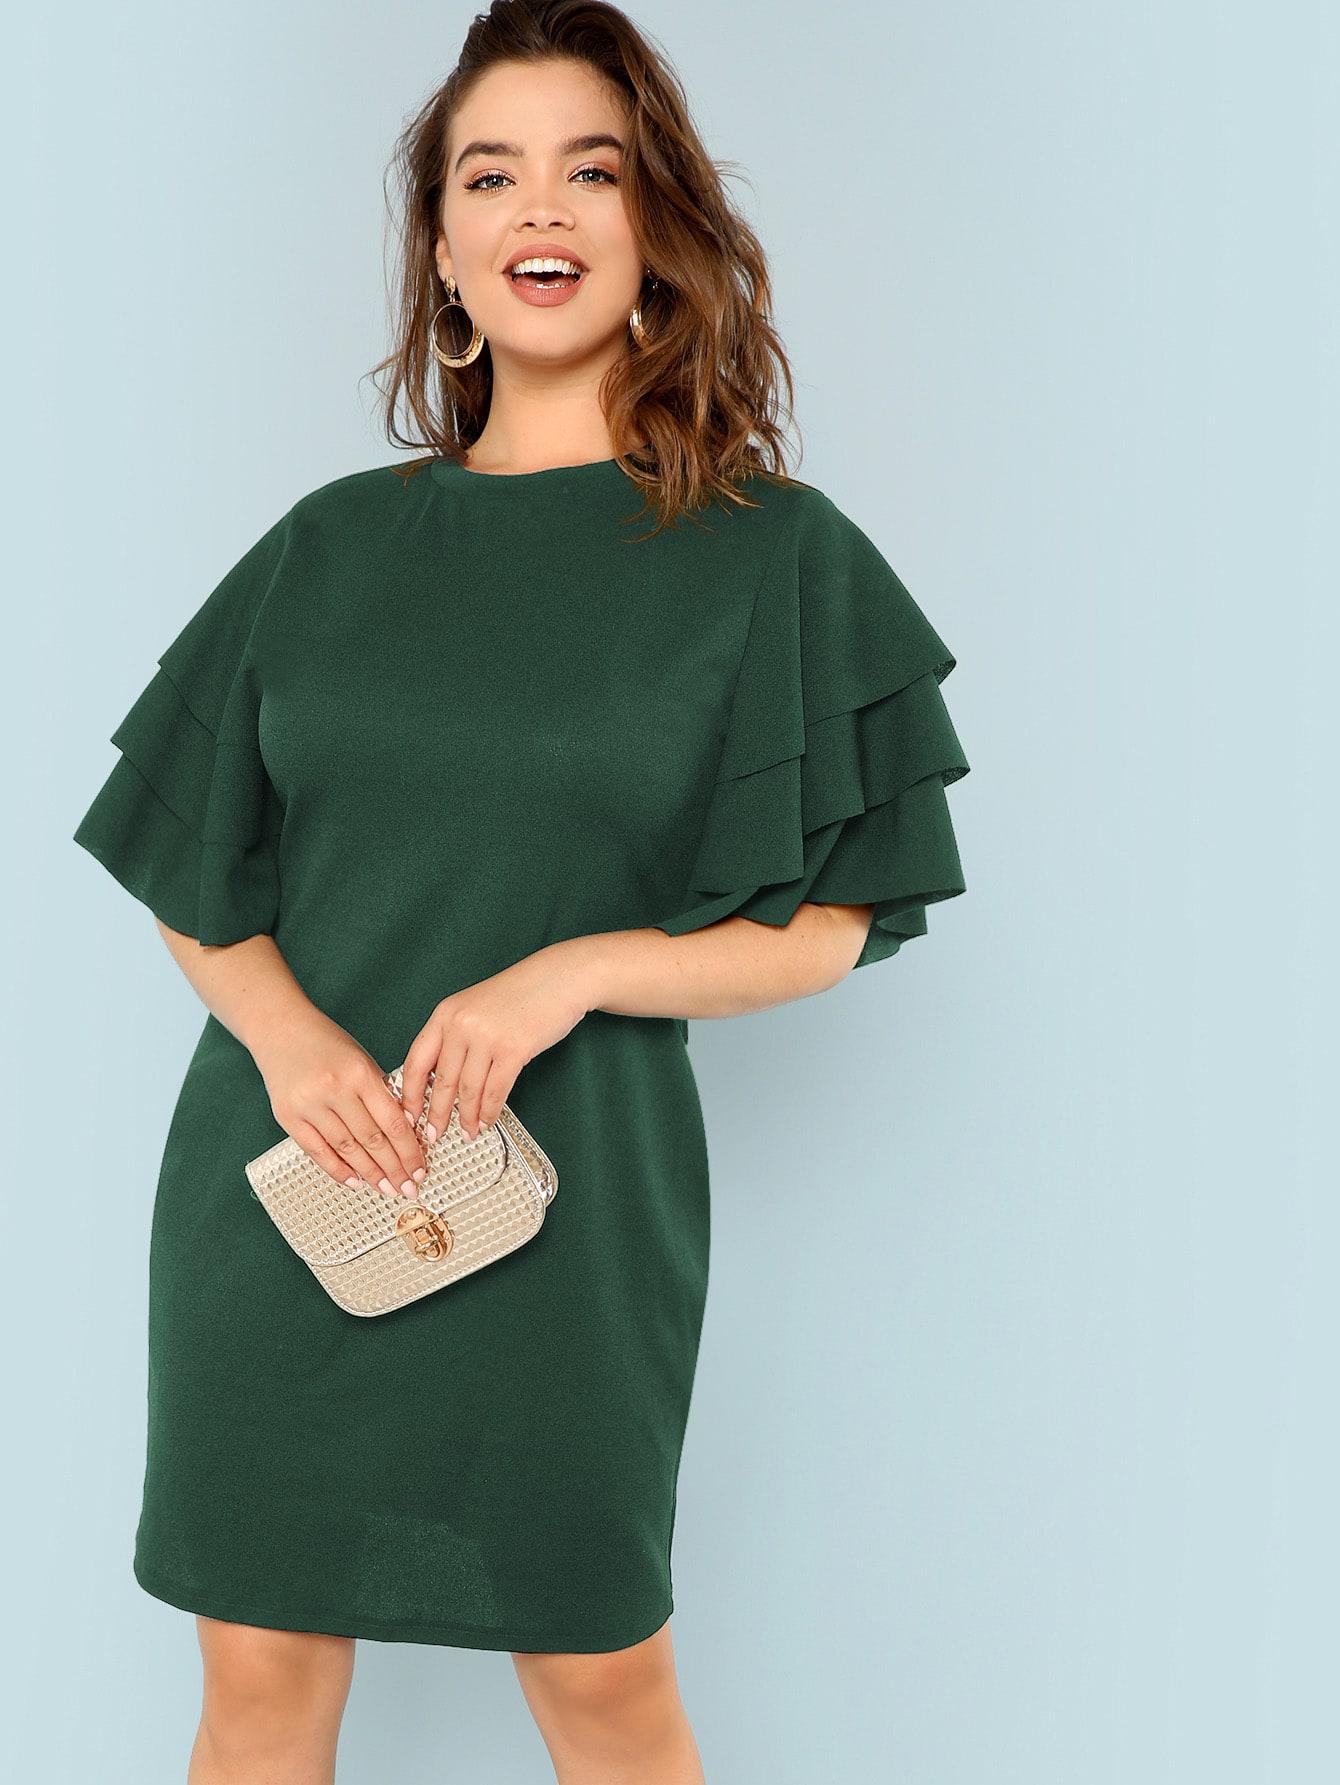 Plus Mock Neck Flutter Sleeve Bodycon Dress | SHEIN